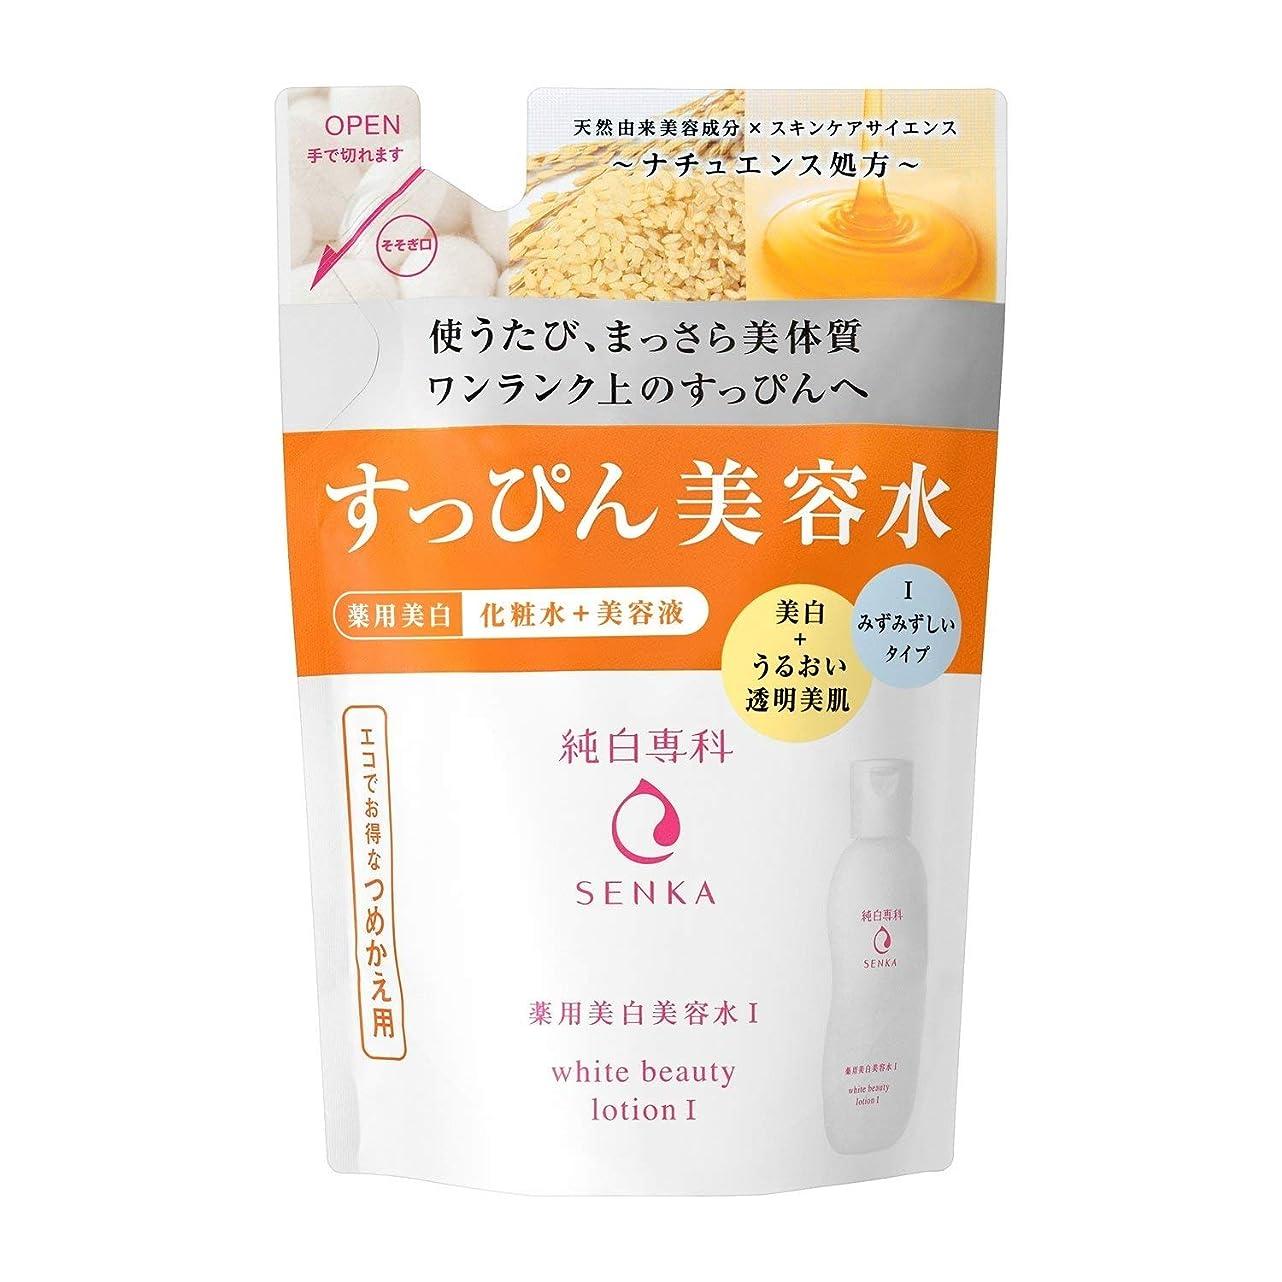 神小麦ペイン純白専科 すっぴん美容水I 詰め替え (医薬部外品) 化粧水